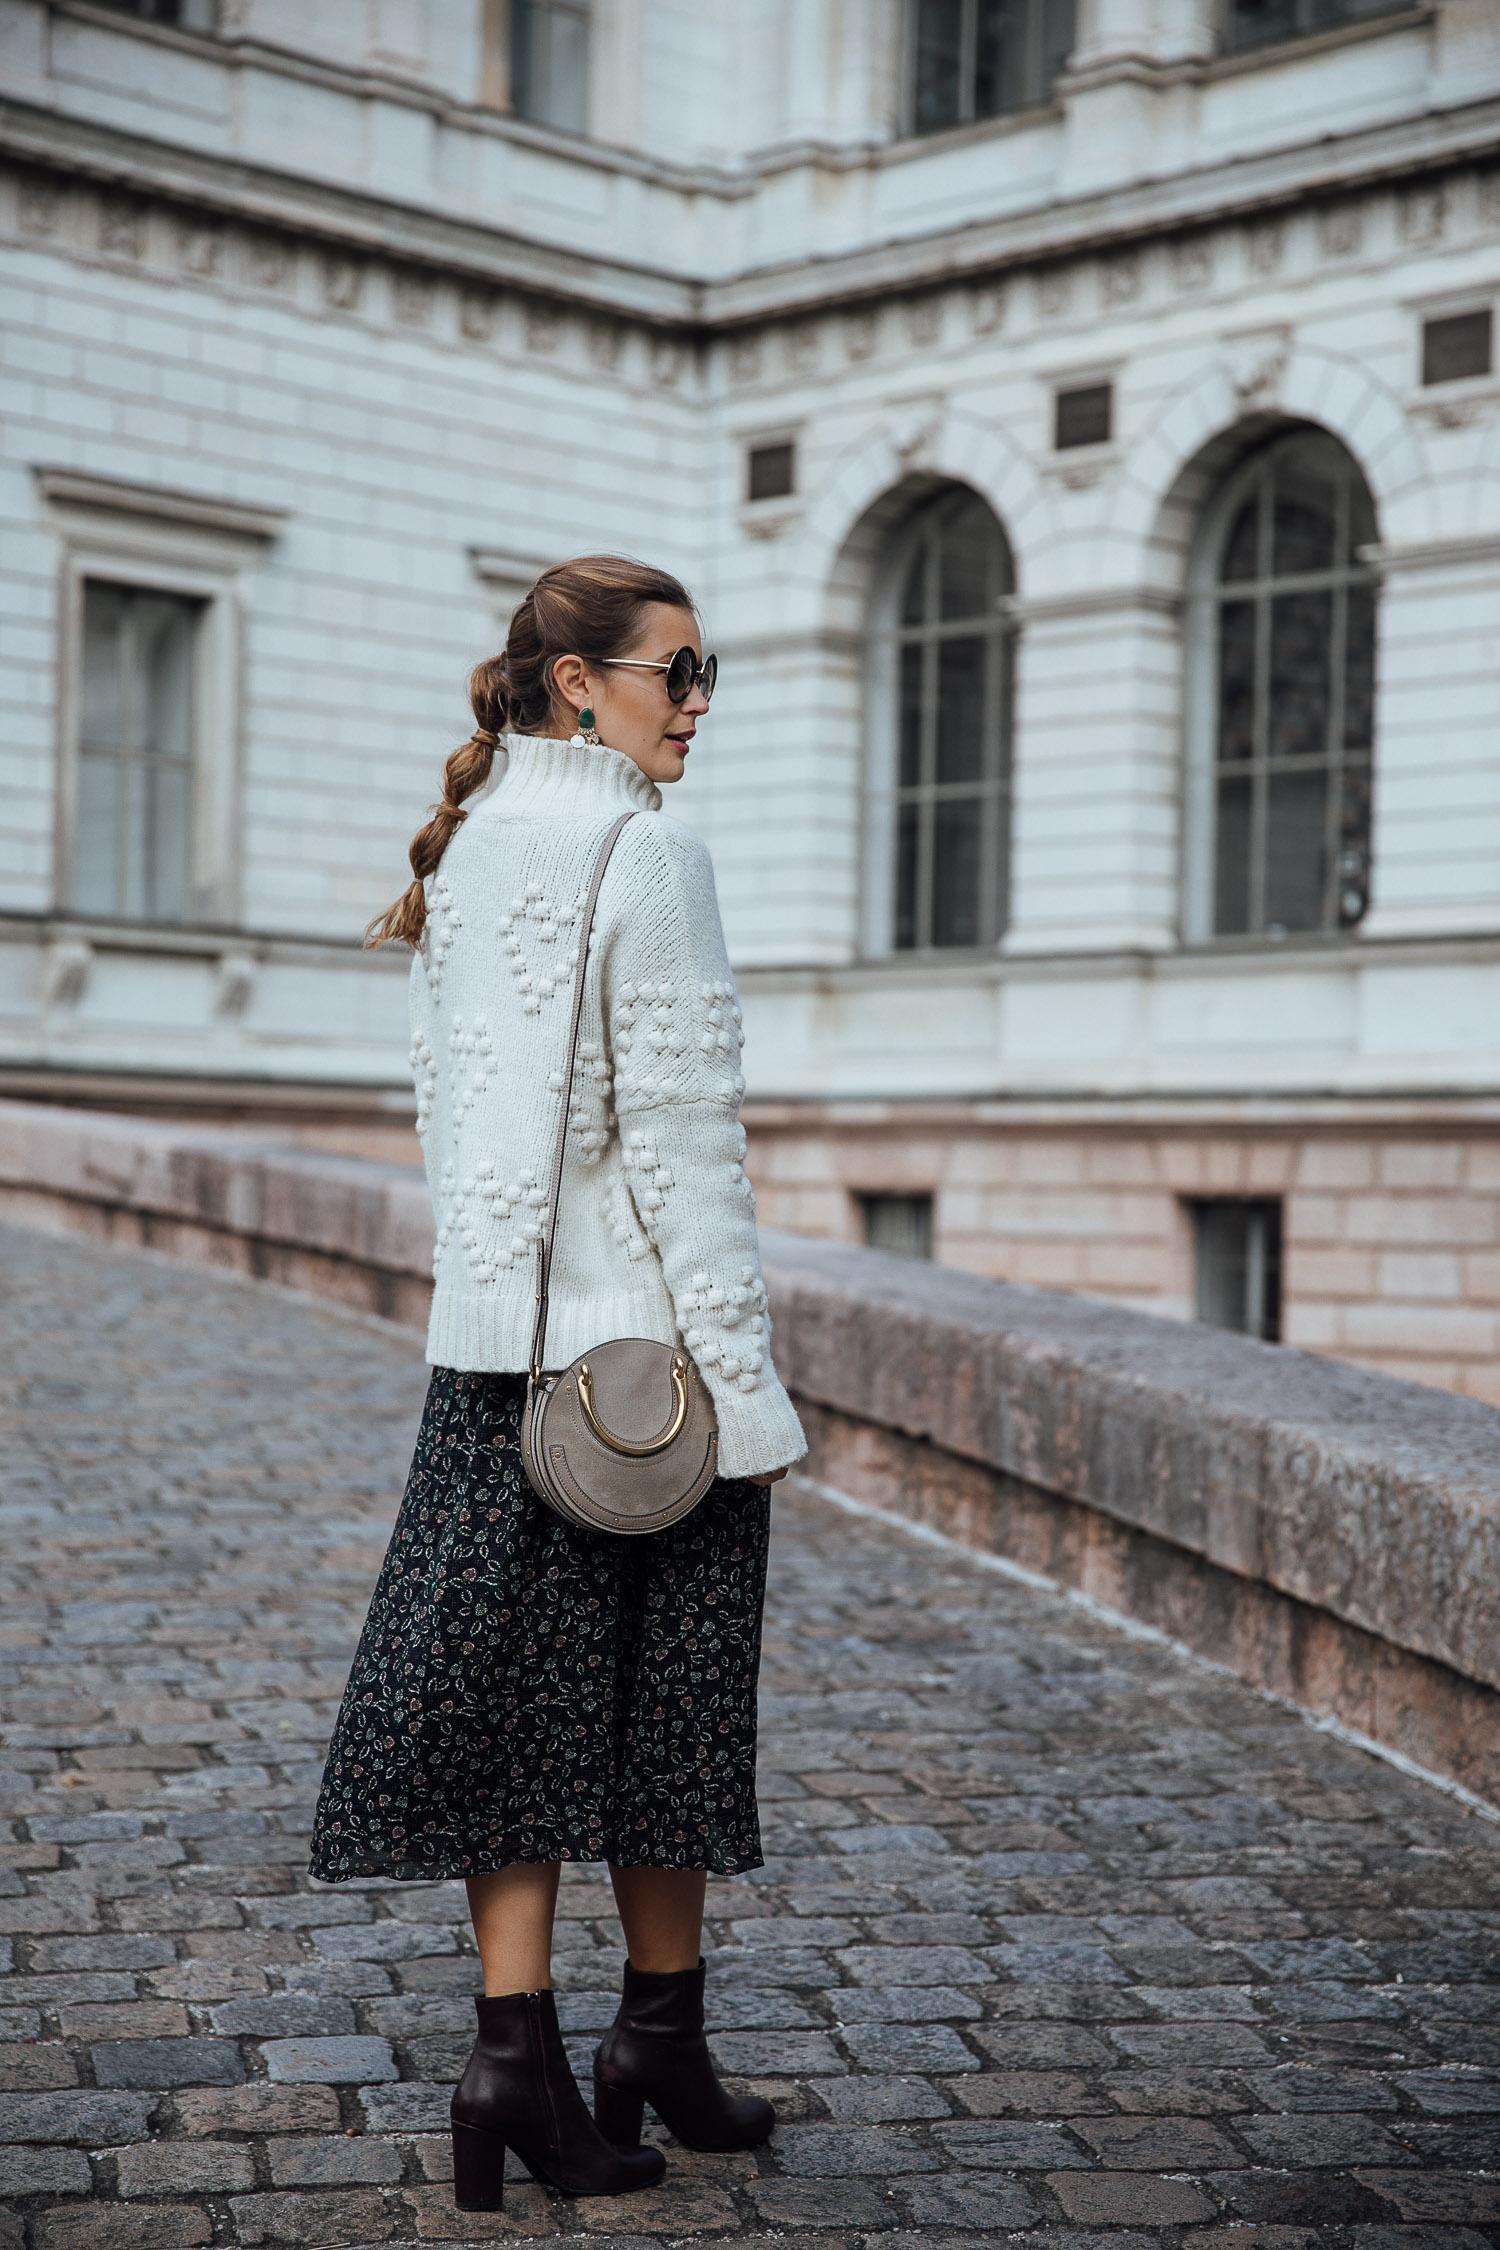 herbstlook mit midikleid und oversize pullover - josie loves